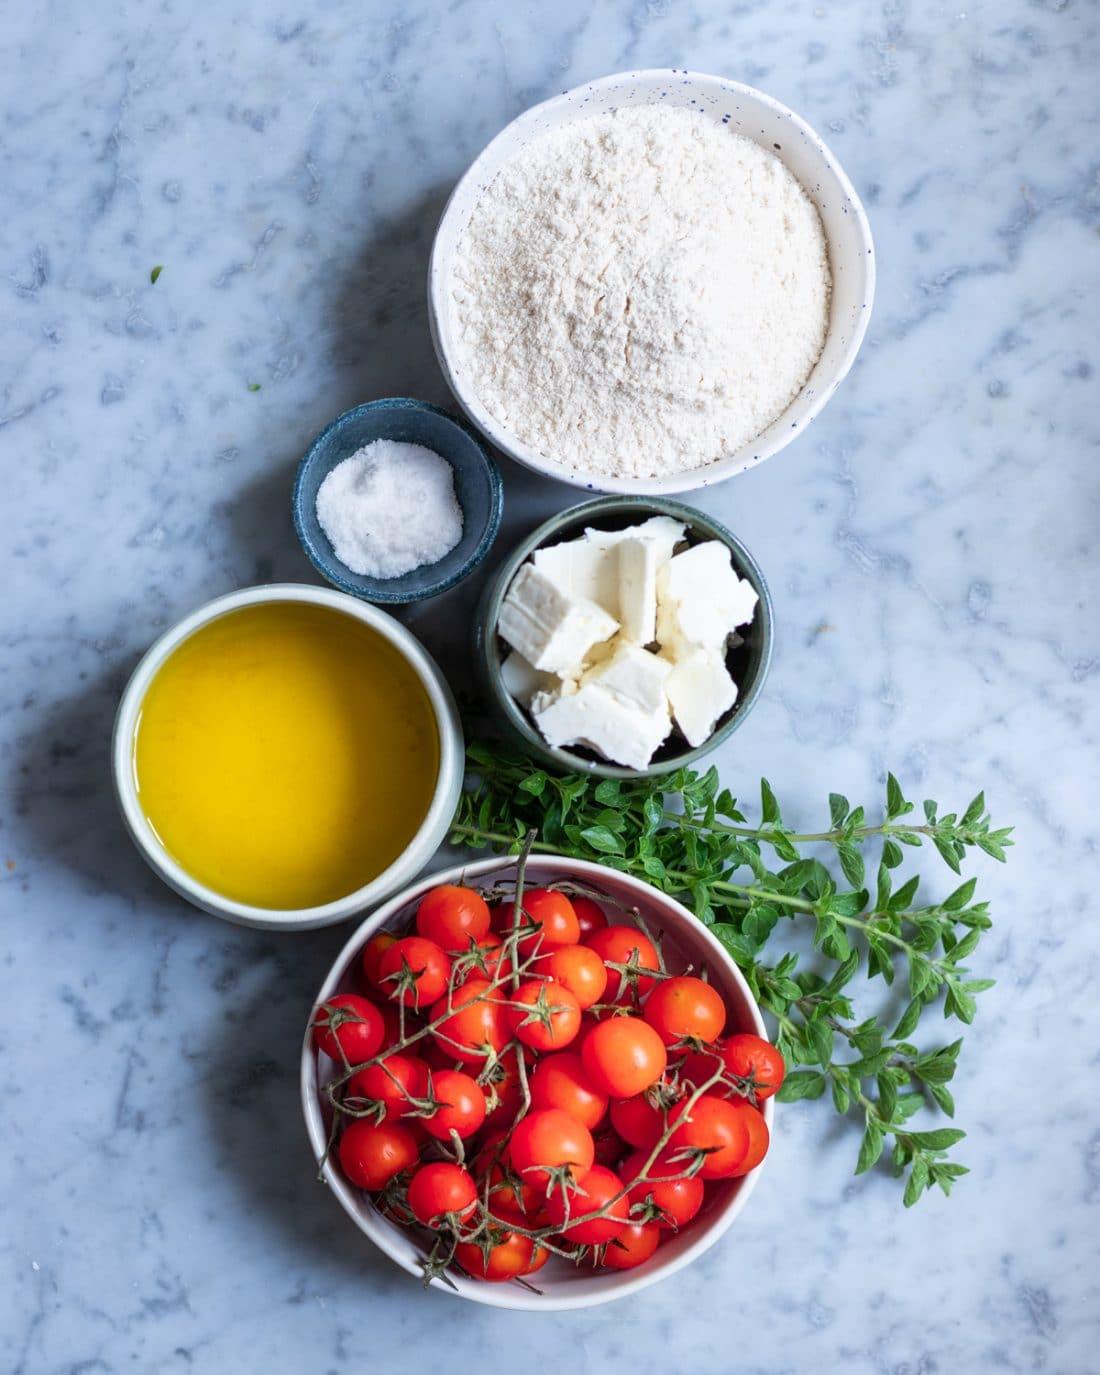 ingredienti per la torta salata con pomodorini e feta